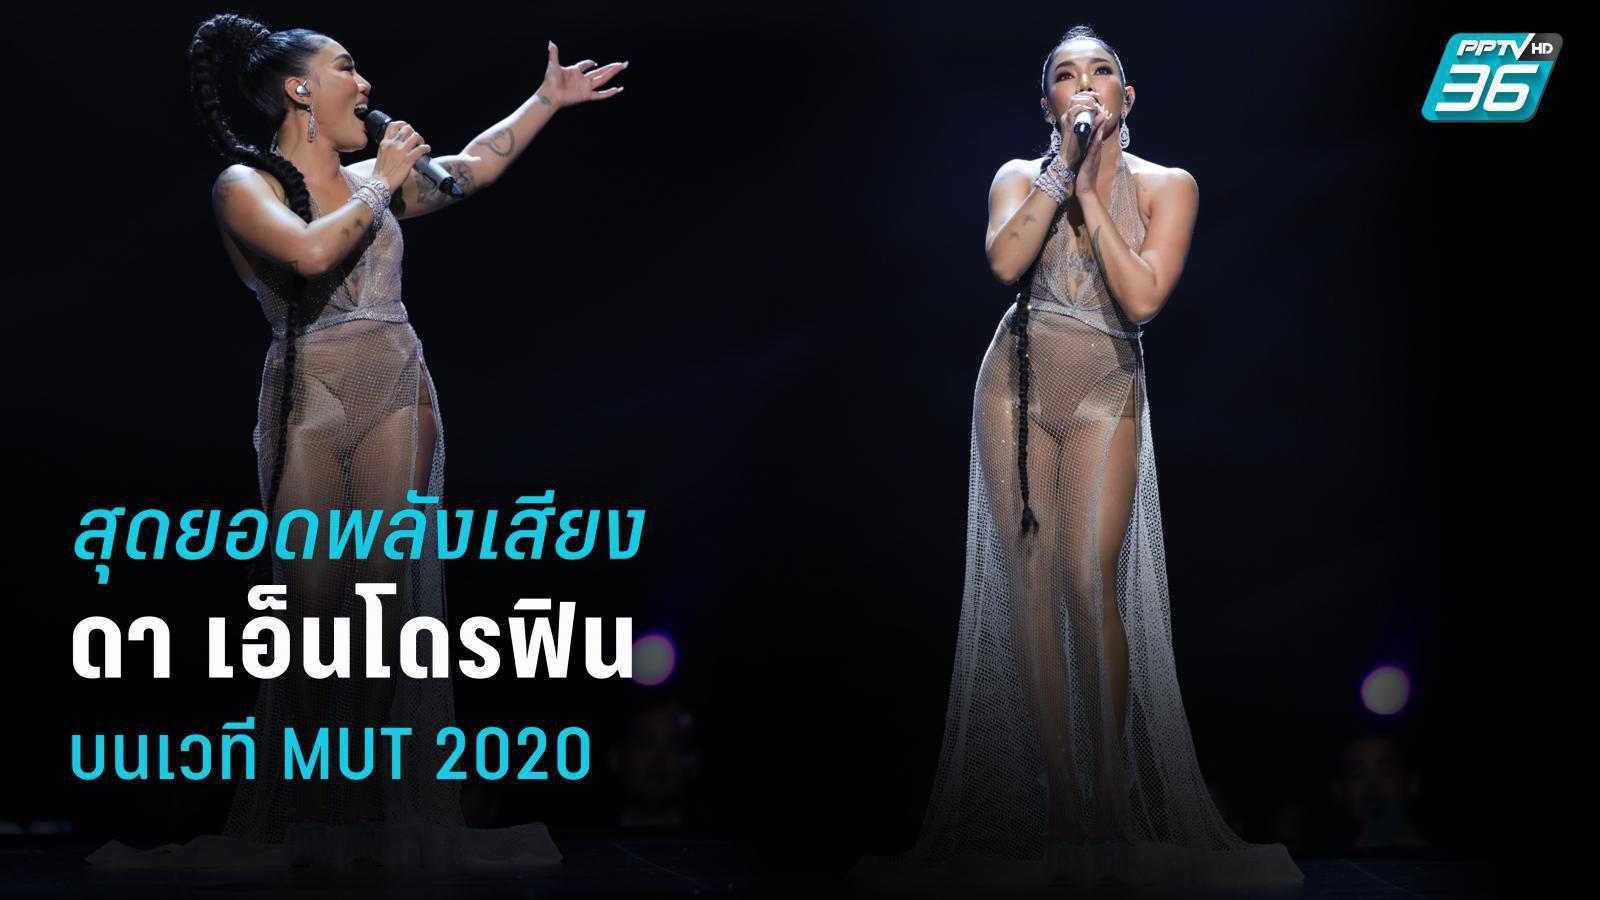 โชว์พิเศษ ดา เอ็นโดรฟิน | Miss Universe Thailand 2020 | รอบ 5 คนสุดท้าย